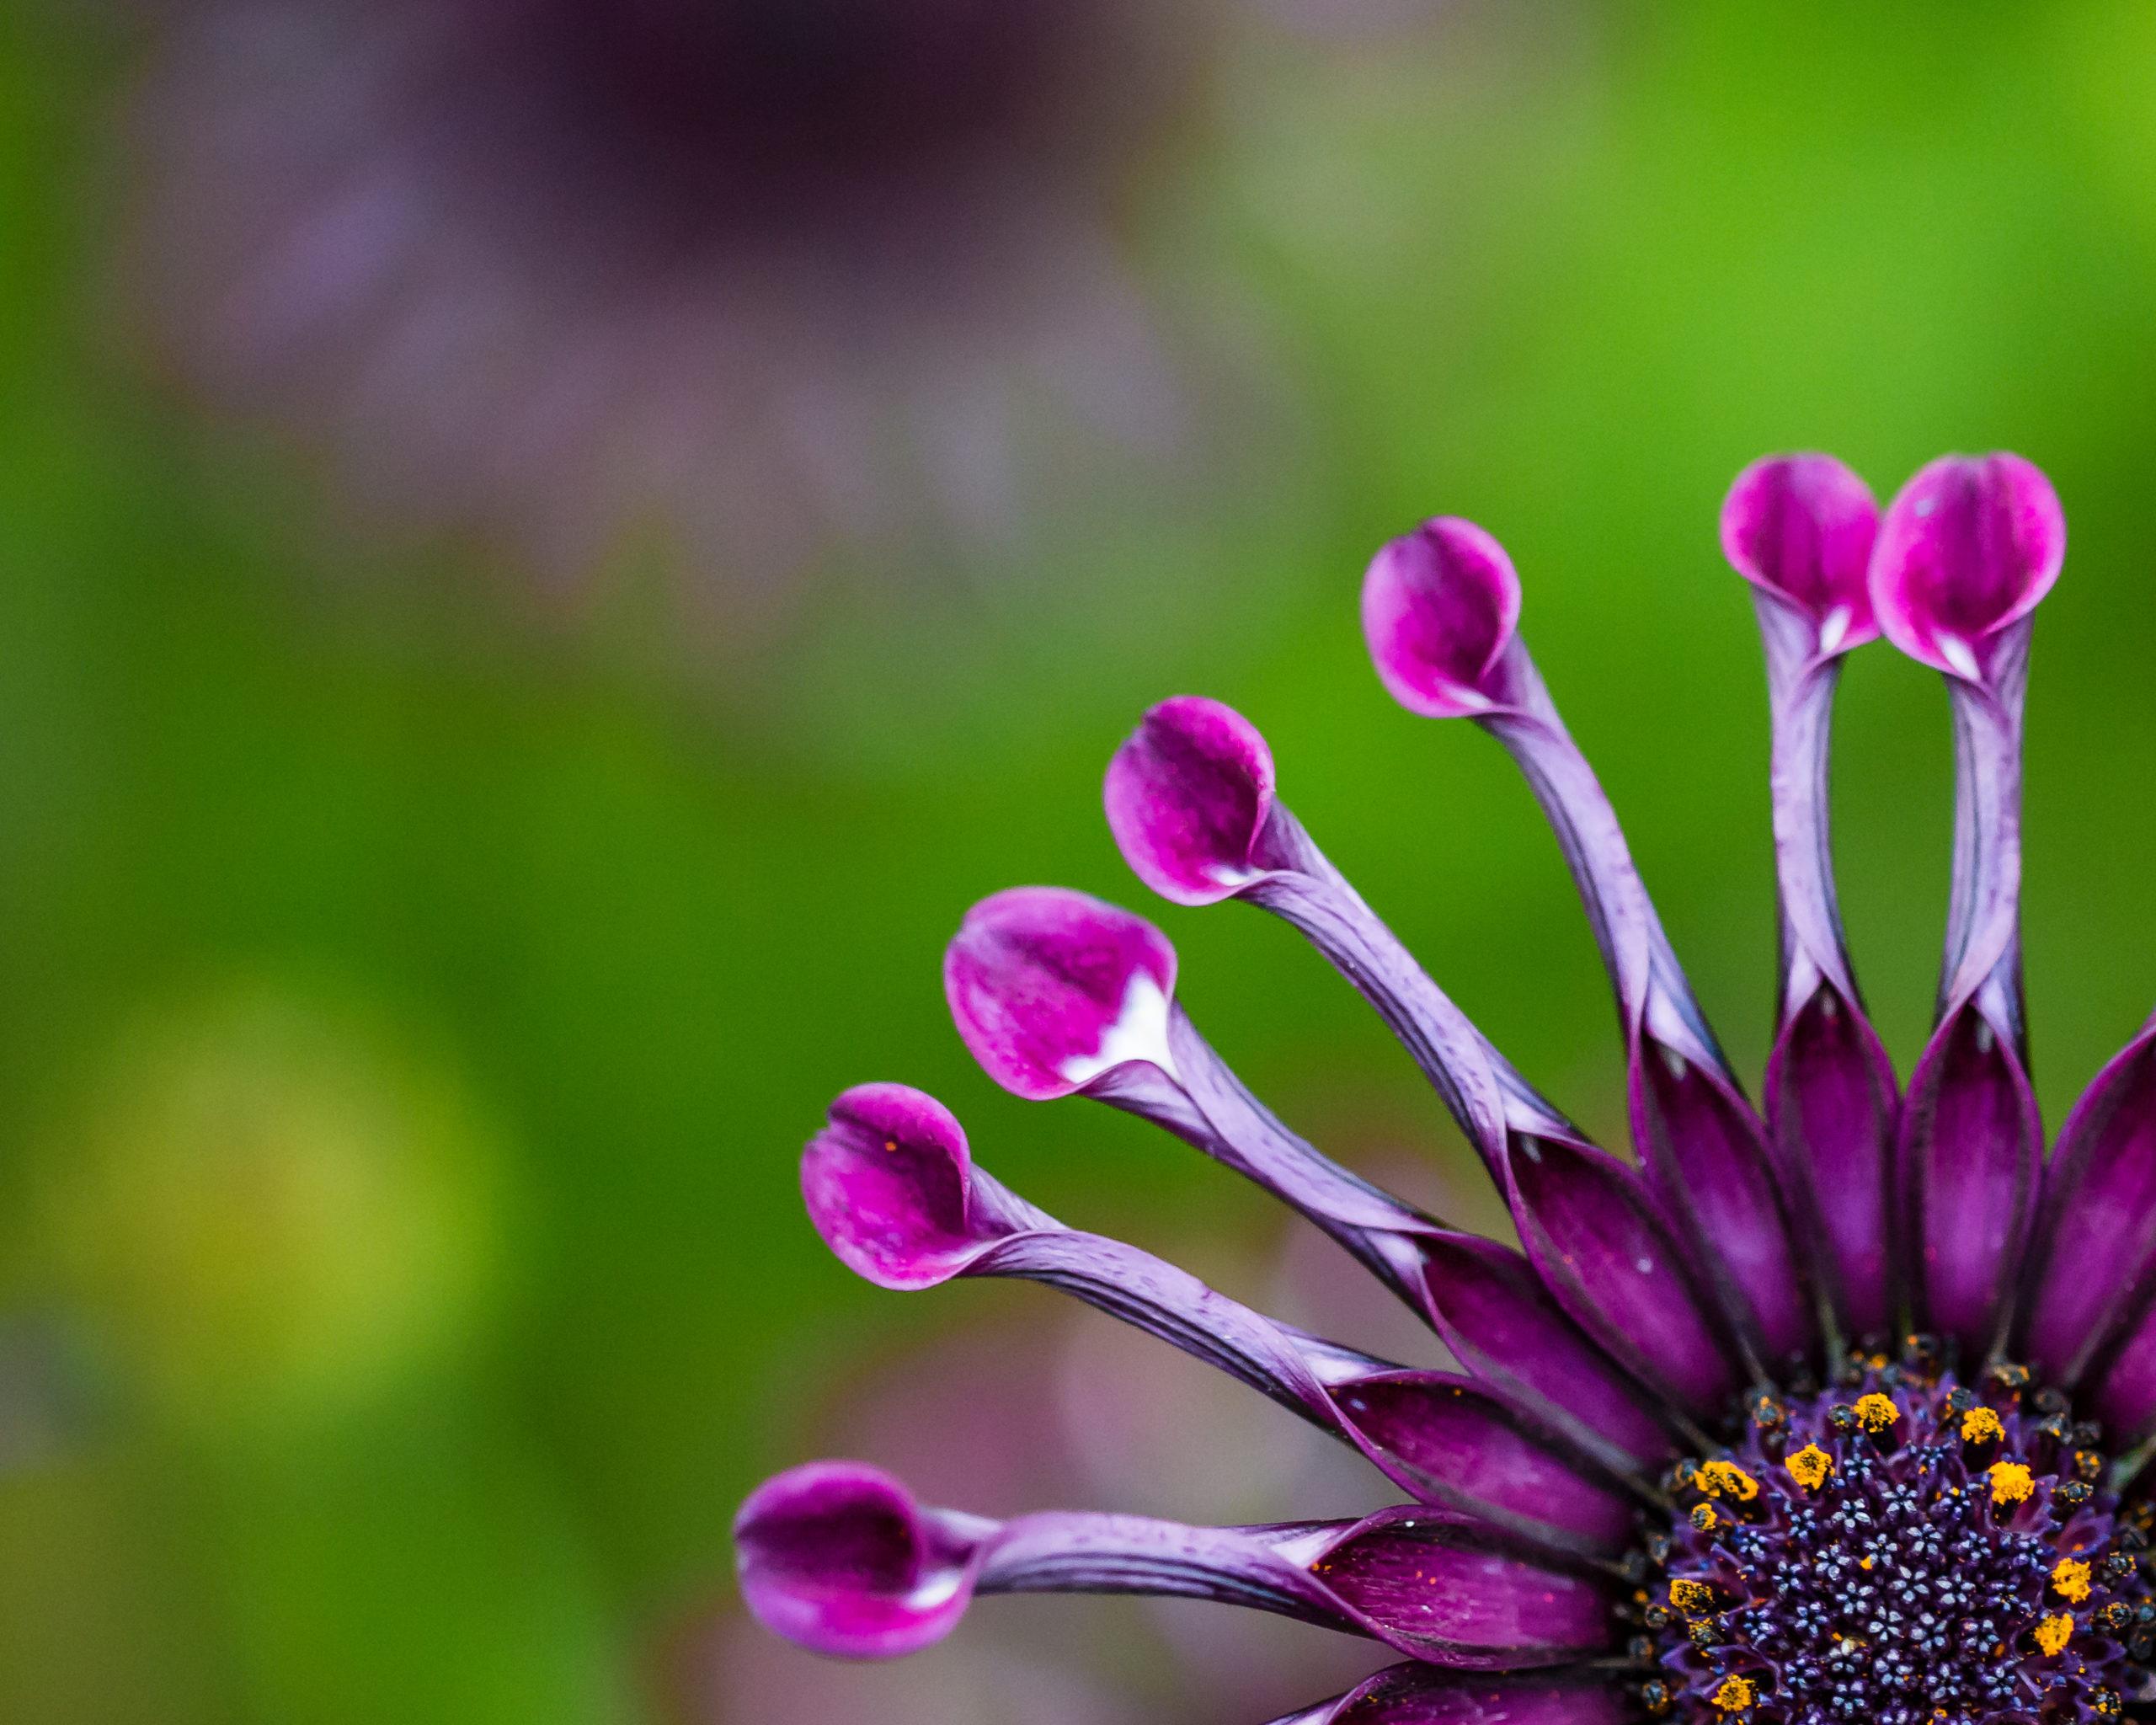 7X1C3228-v1-crop-scaled Vivid Floral Lightroom Edit